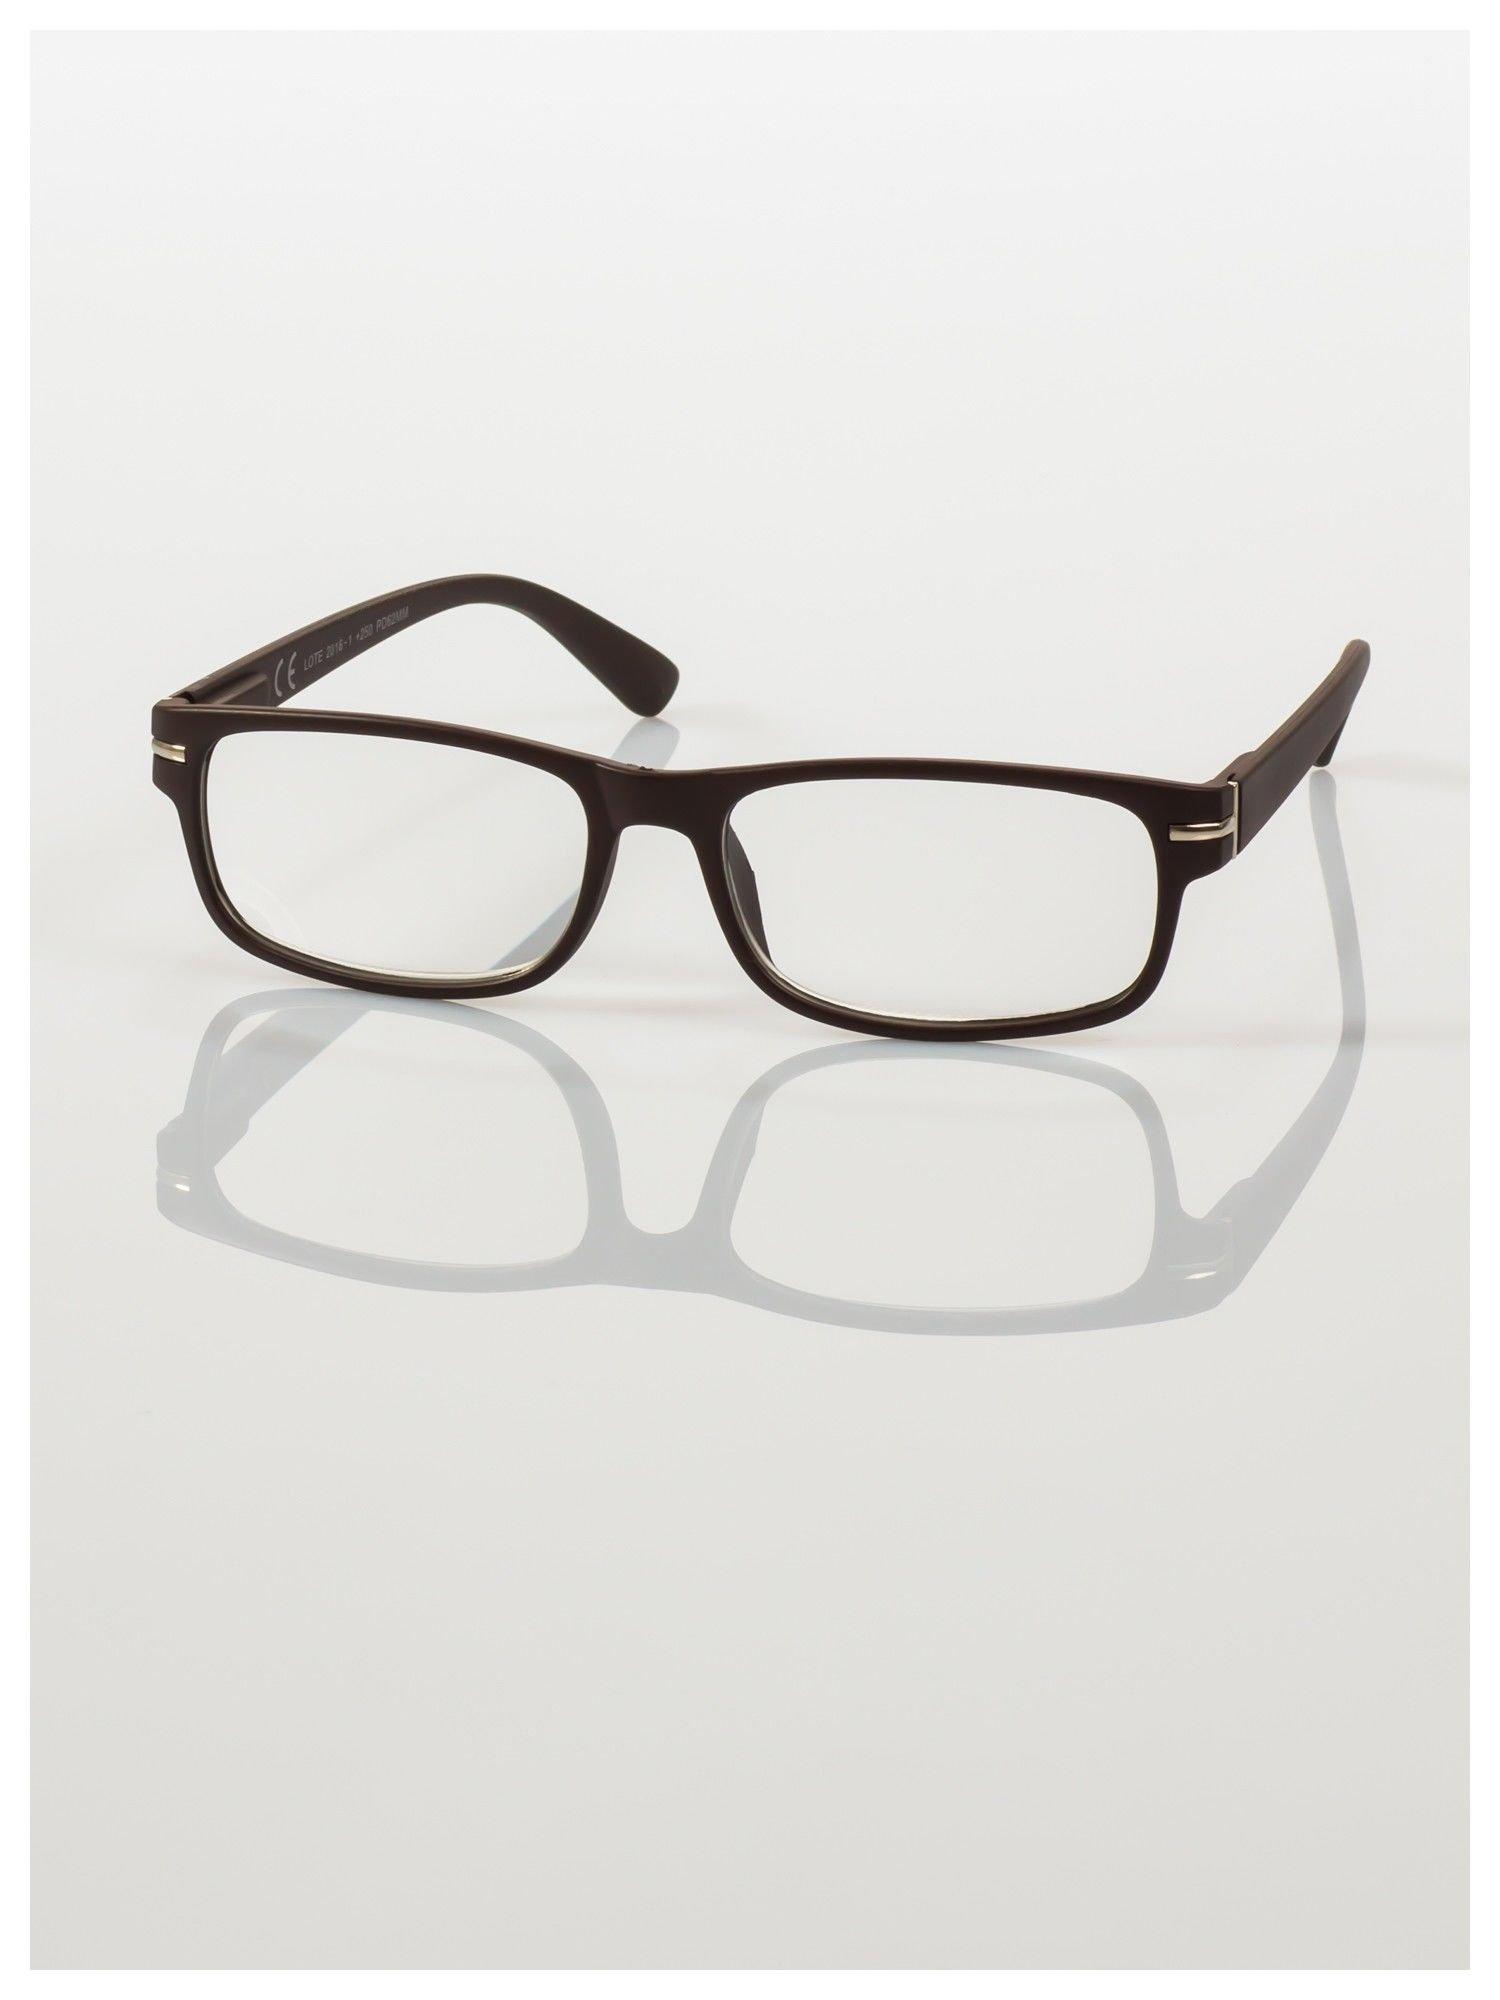 Eleganckie brązowe matowe korekcyjne okulary do czytania +3.0 D  z sytemem FLEX na zausznikach                                  zdj.                                  2